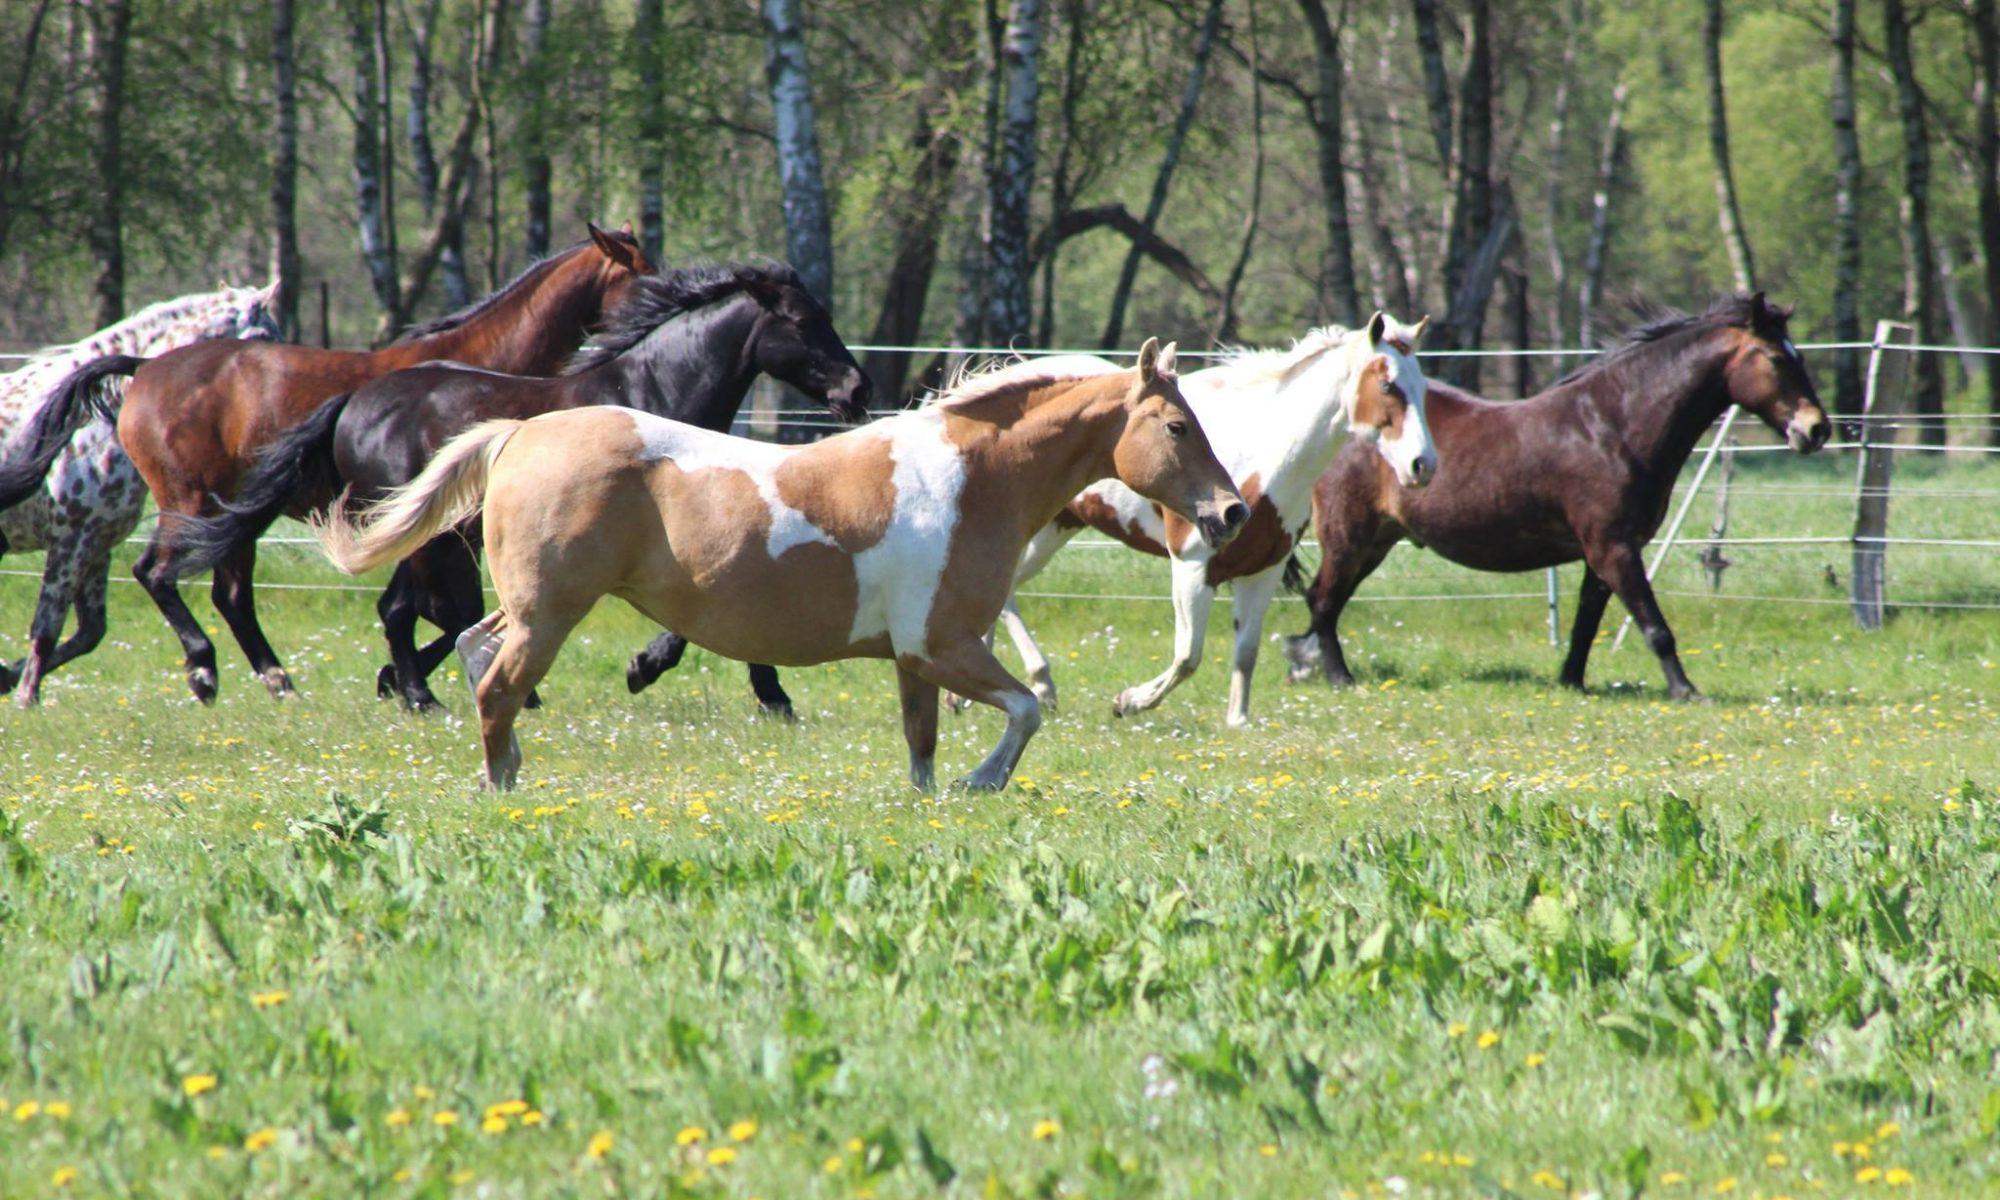 Labor für Zeitgemäße Selektive Entwurmung bei Pferden